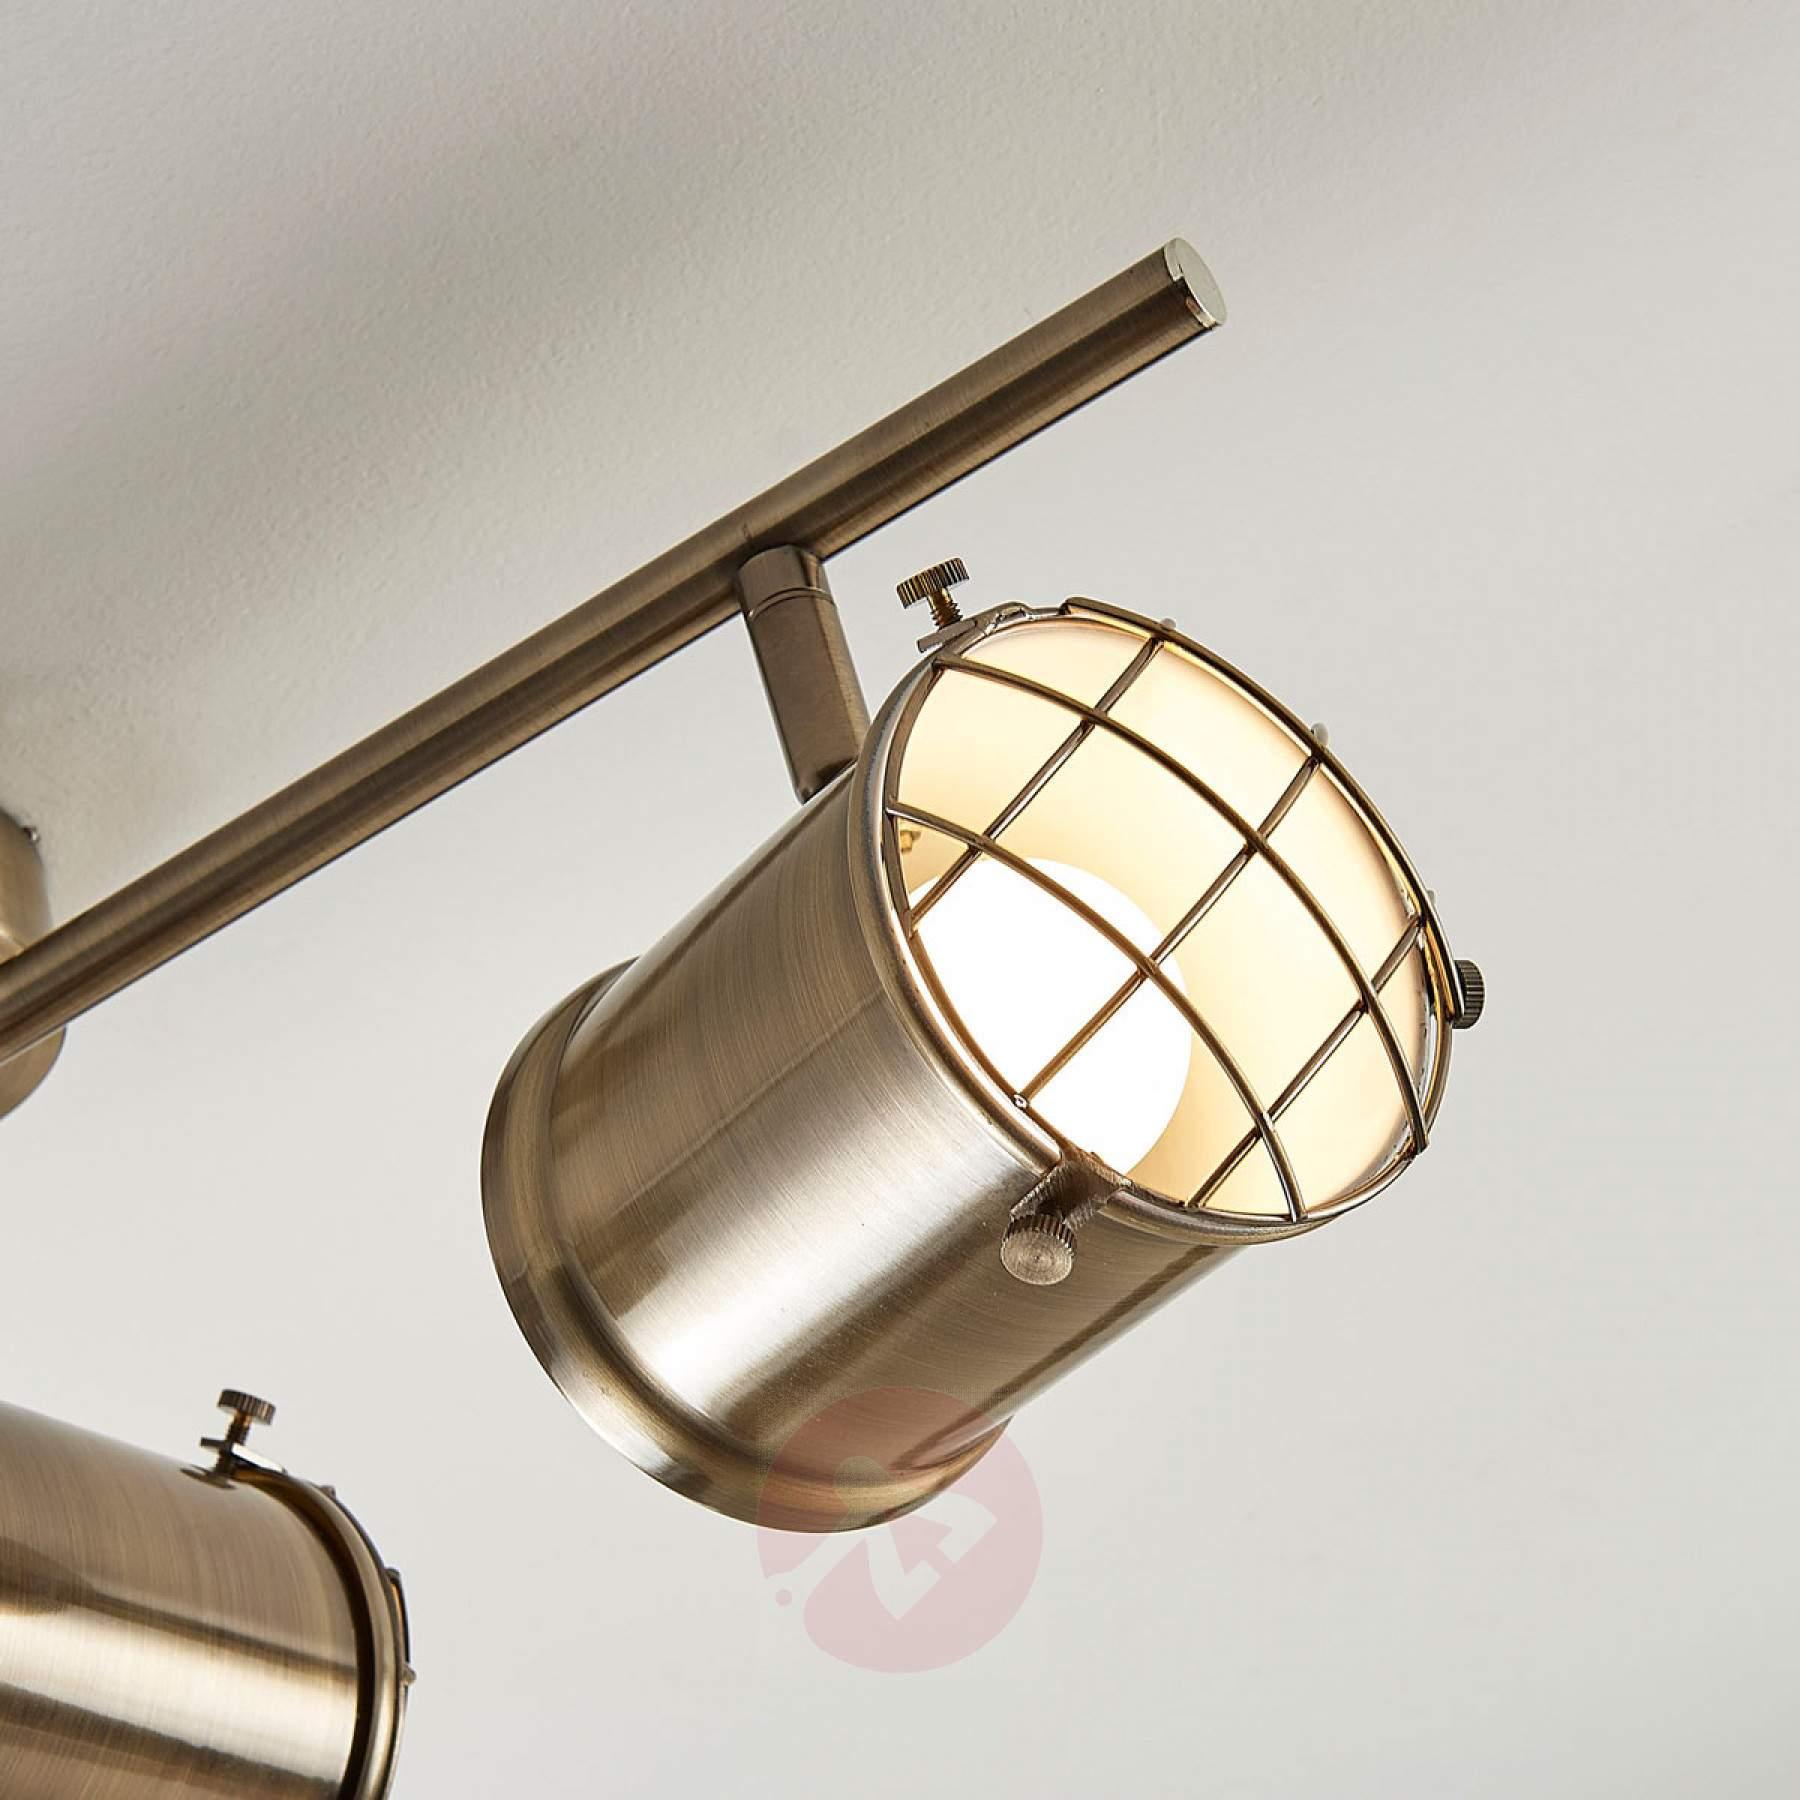 Full Size of Leuchten Leuchtmittel Bro Schreibwaren Komplette Küche Modul Schreinerküche Zusammenstellen Keramik Waschbecken Vorratsschrank Betonoptik Läufer Barhocker Wohnzimmer Deckenlampen Küche